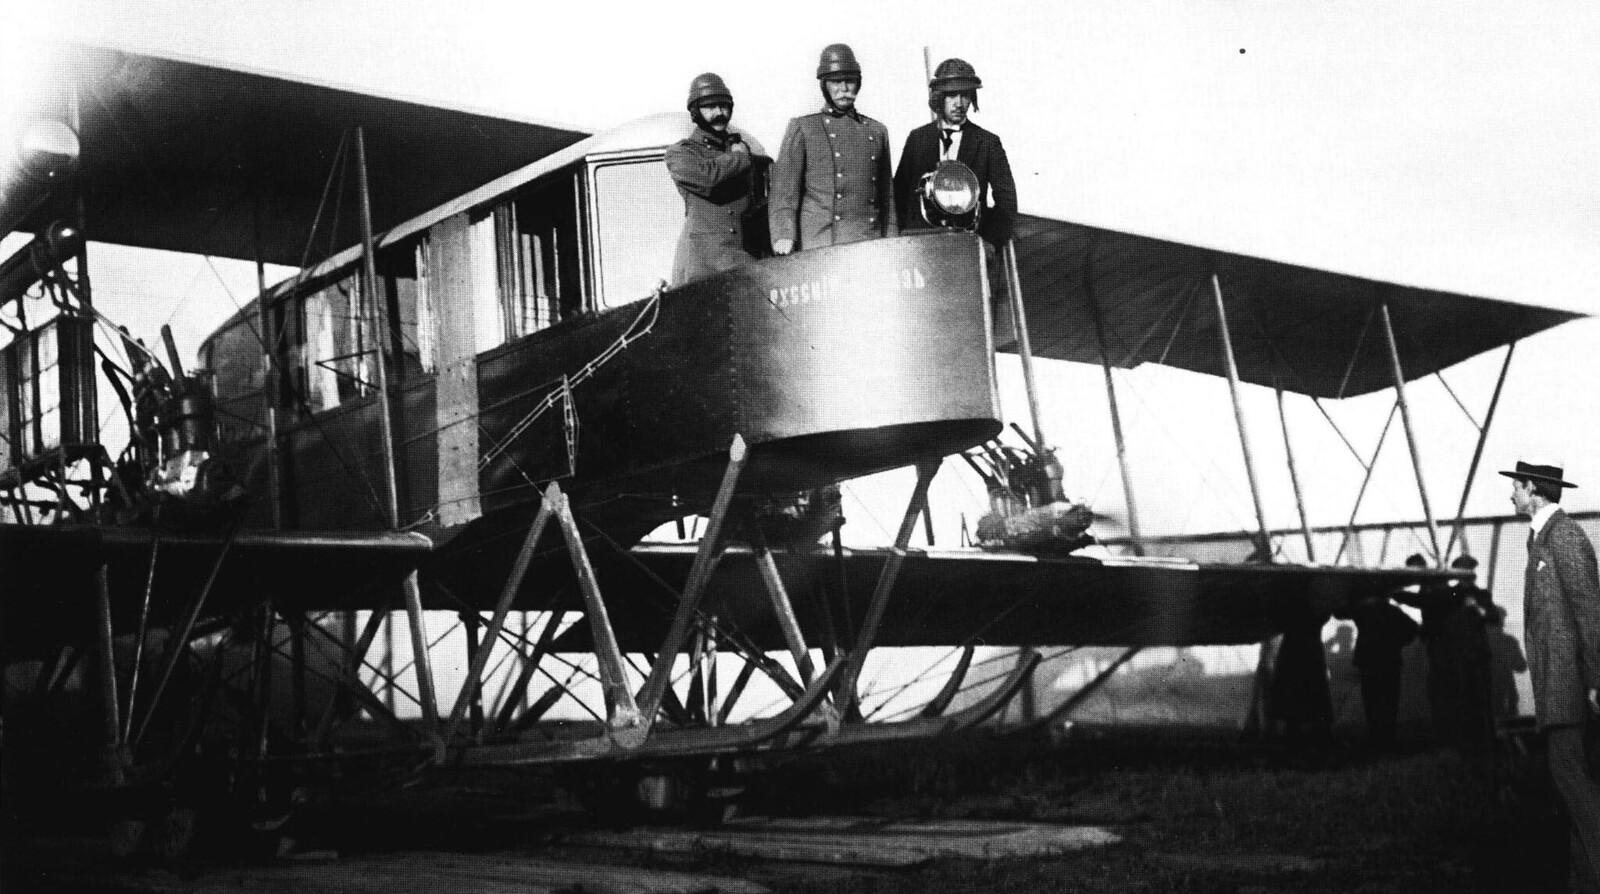 1913. Конкурс военных аэропланов. Авиаторы И.И.Сикорский (справа), генерал-лейтенант Н.В.Каультбарс (в центре) в первом в мире многомоторном аэроплане «Русский витязь»